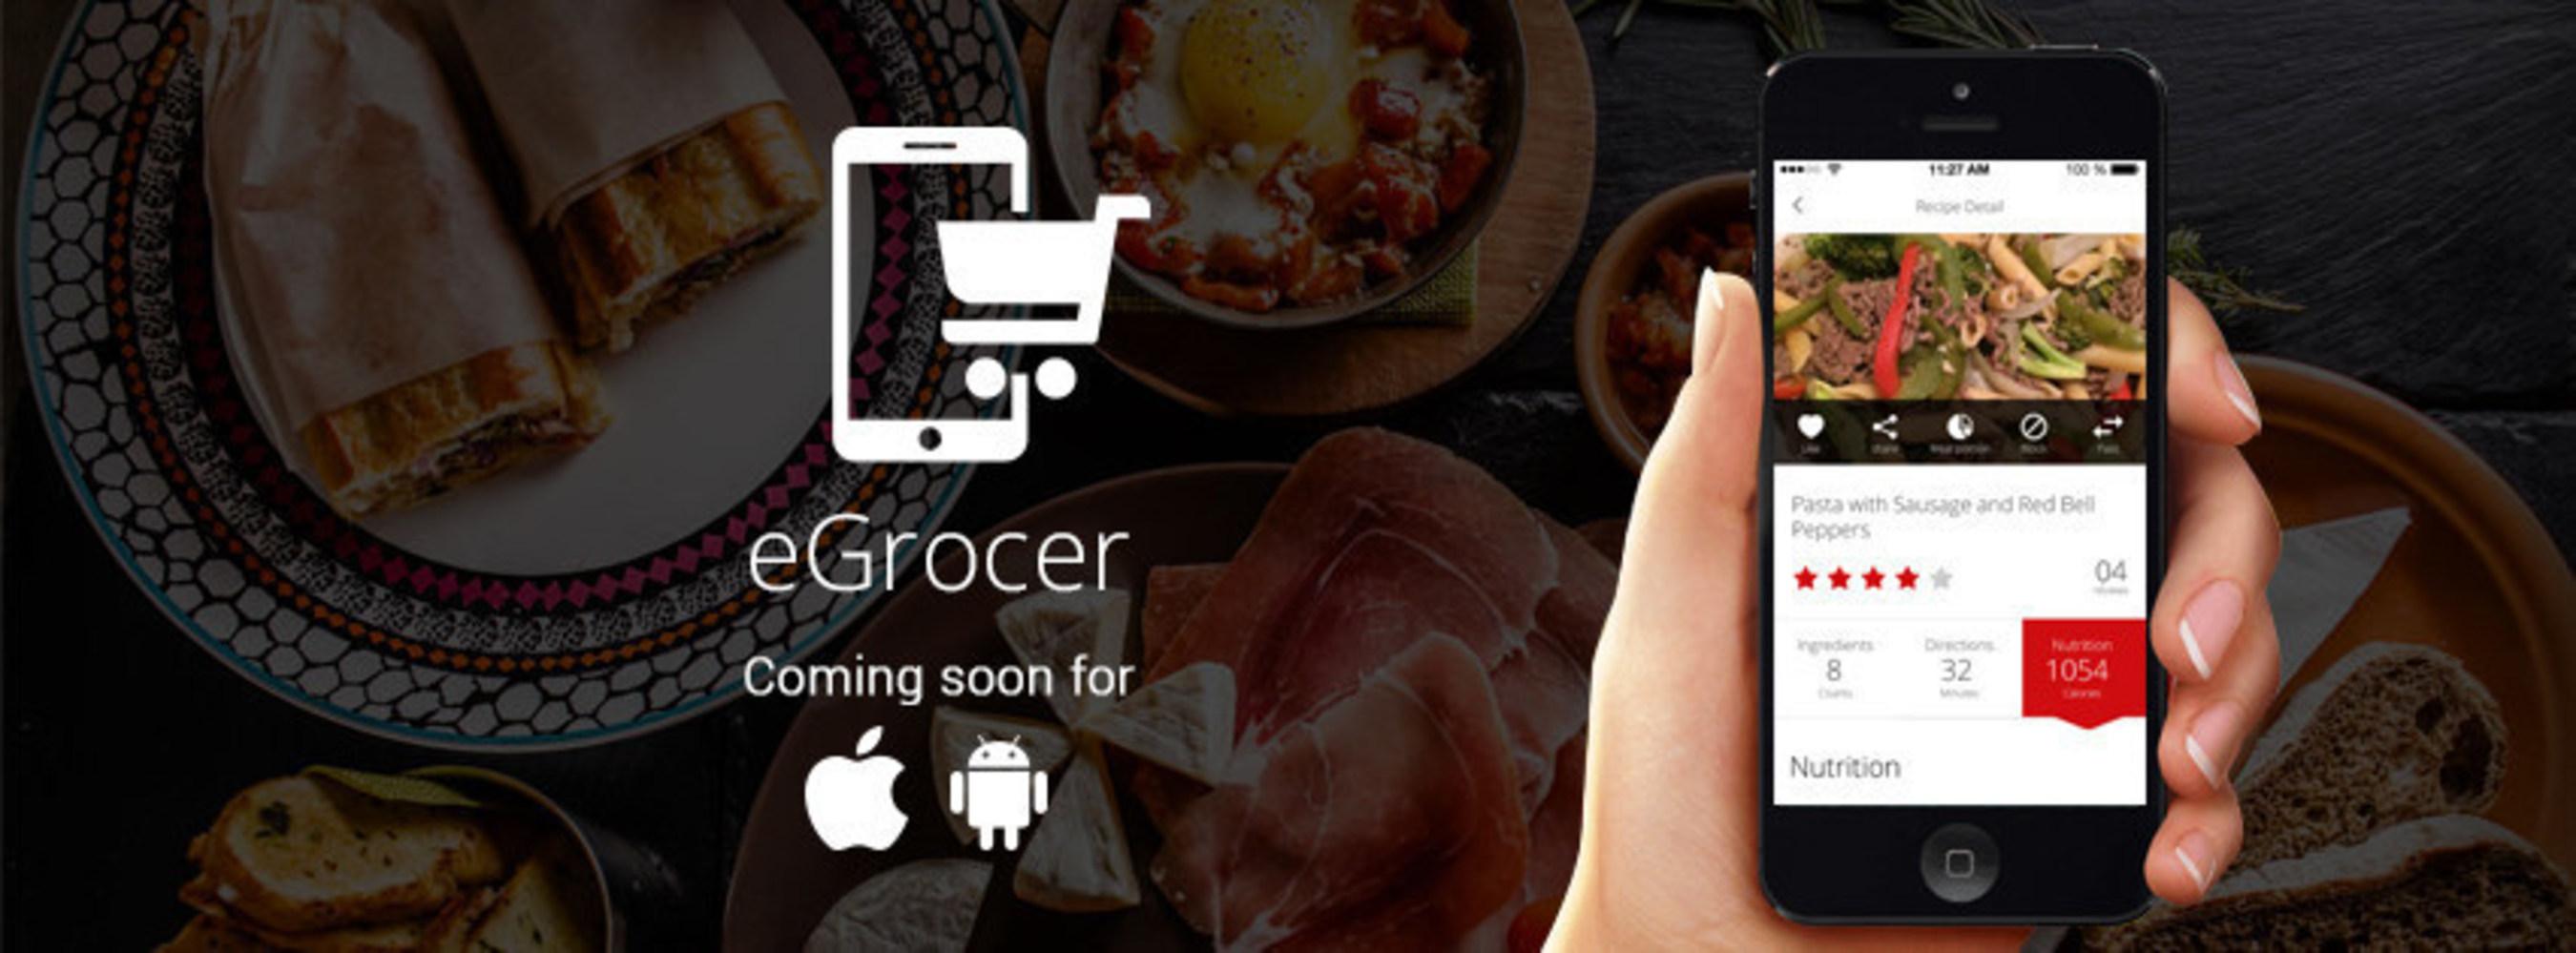 eGrocer Banner